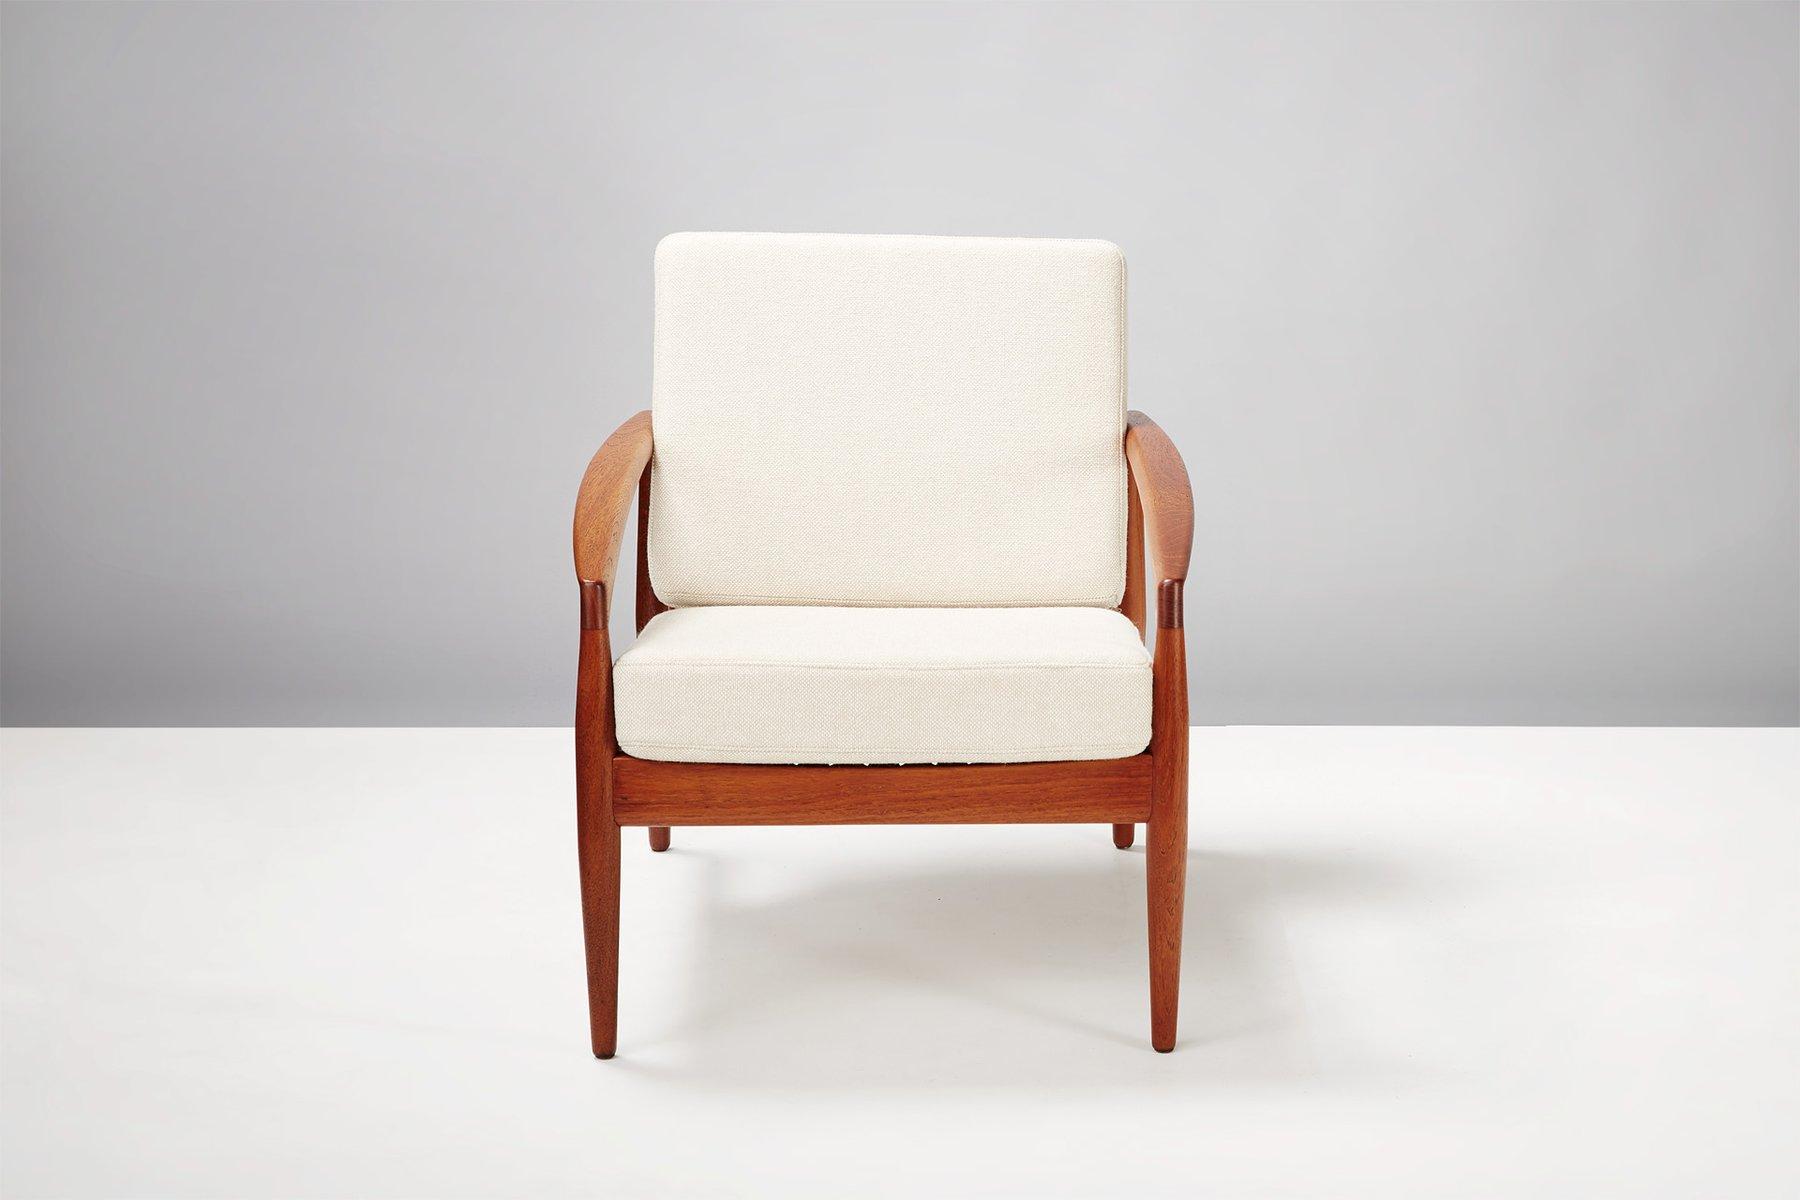 Teak paper knife chair by kai kristiansen for magnus olesen 1955 for sale at pamono - Kai kristiansen chair ...